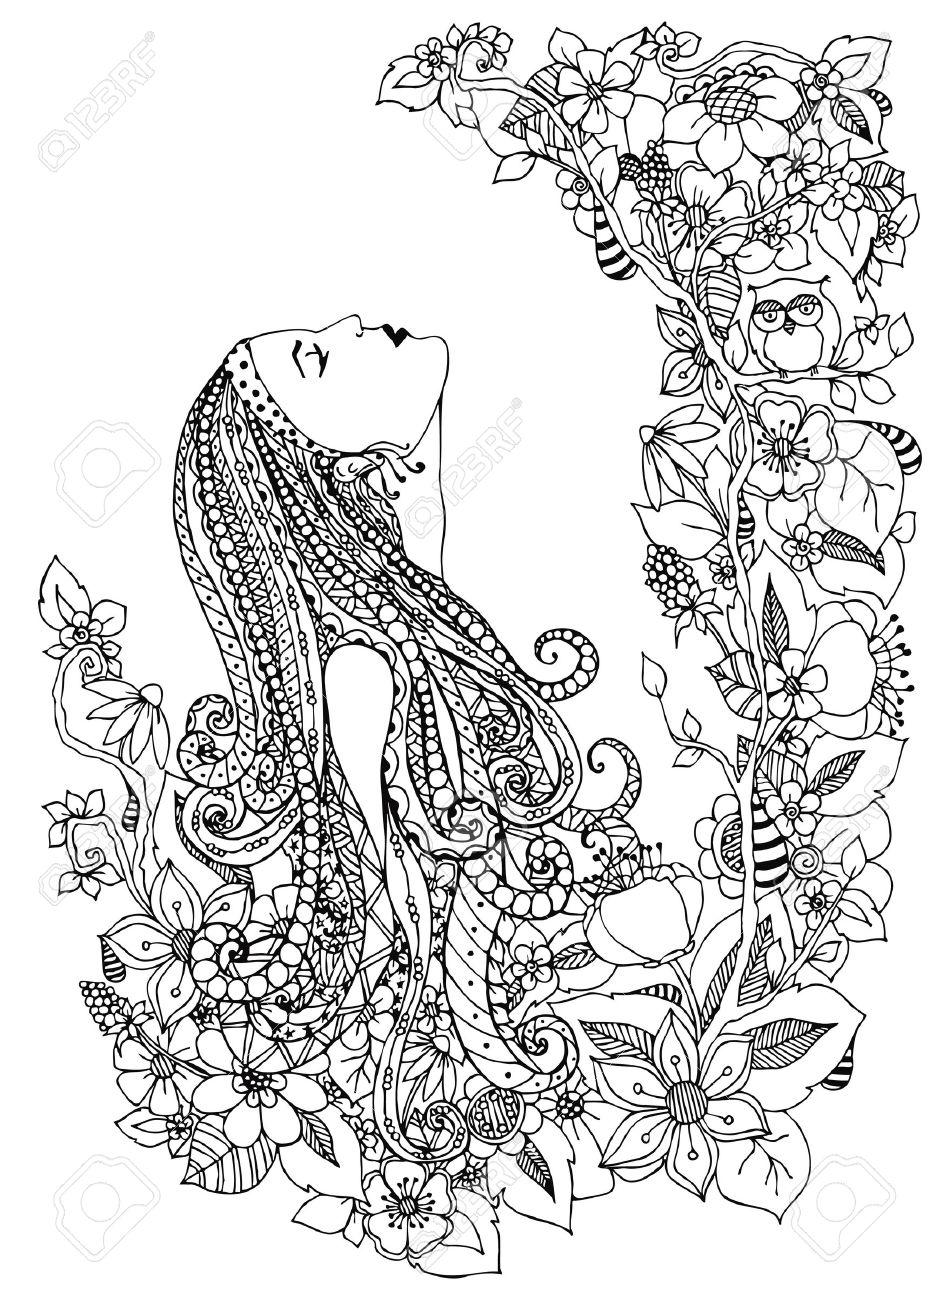 Ilustración Vectorial De La Mujer En Flores. Él Mira Hacia Arriba ...